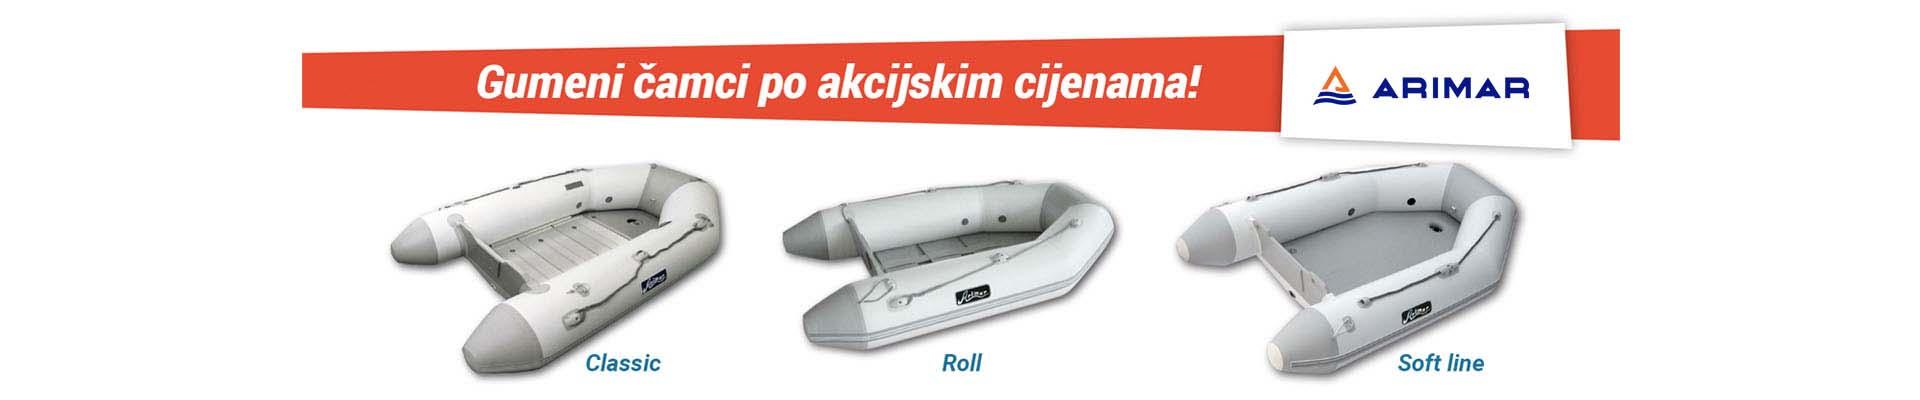 slide_tender_hr